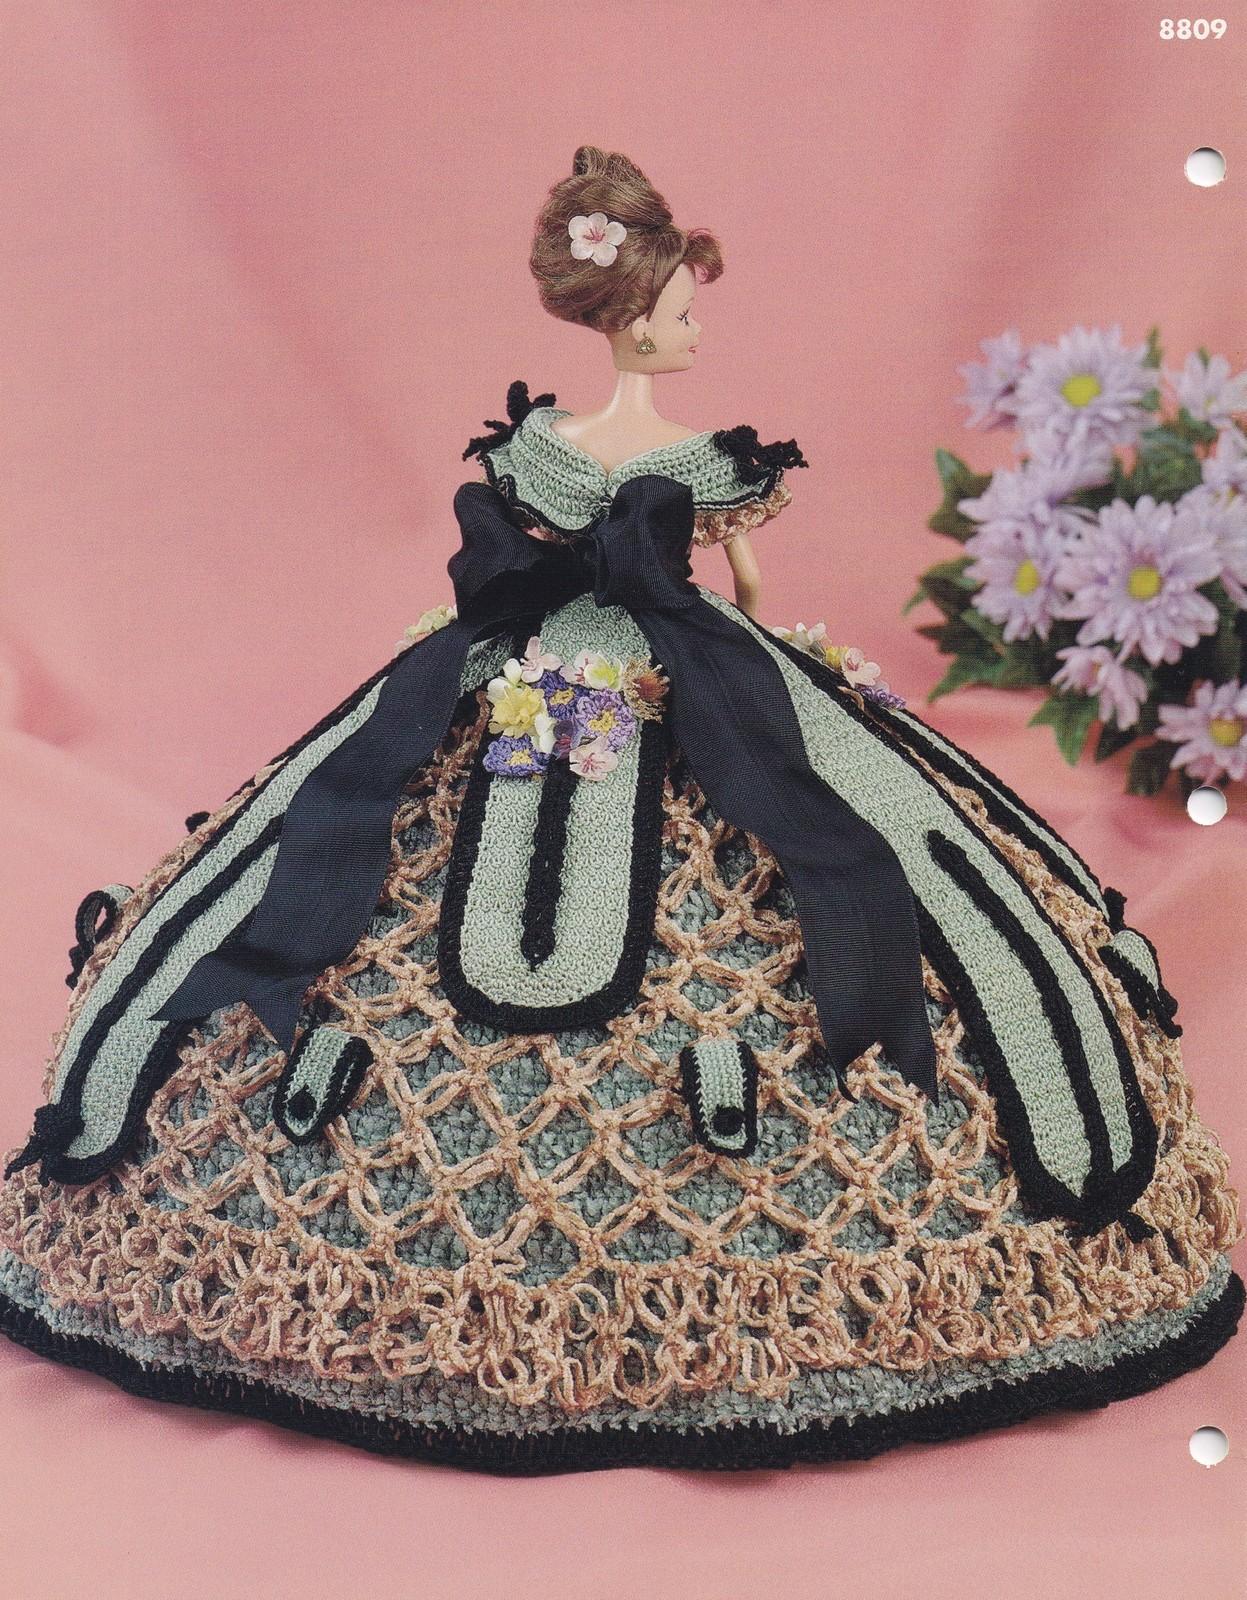 Crochet Flower Shirt Pattern : Aster, Annies Glorious Gowns Flower Garden Doll Clothes ...